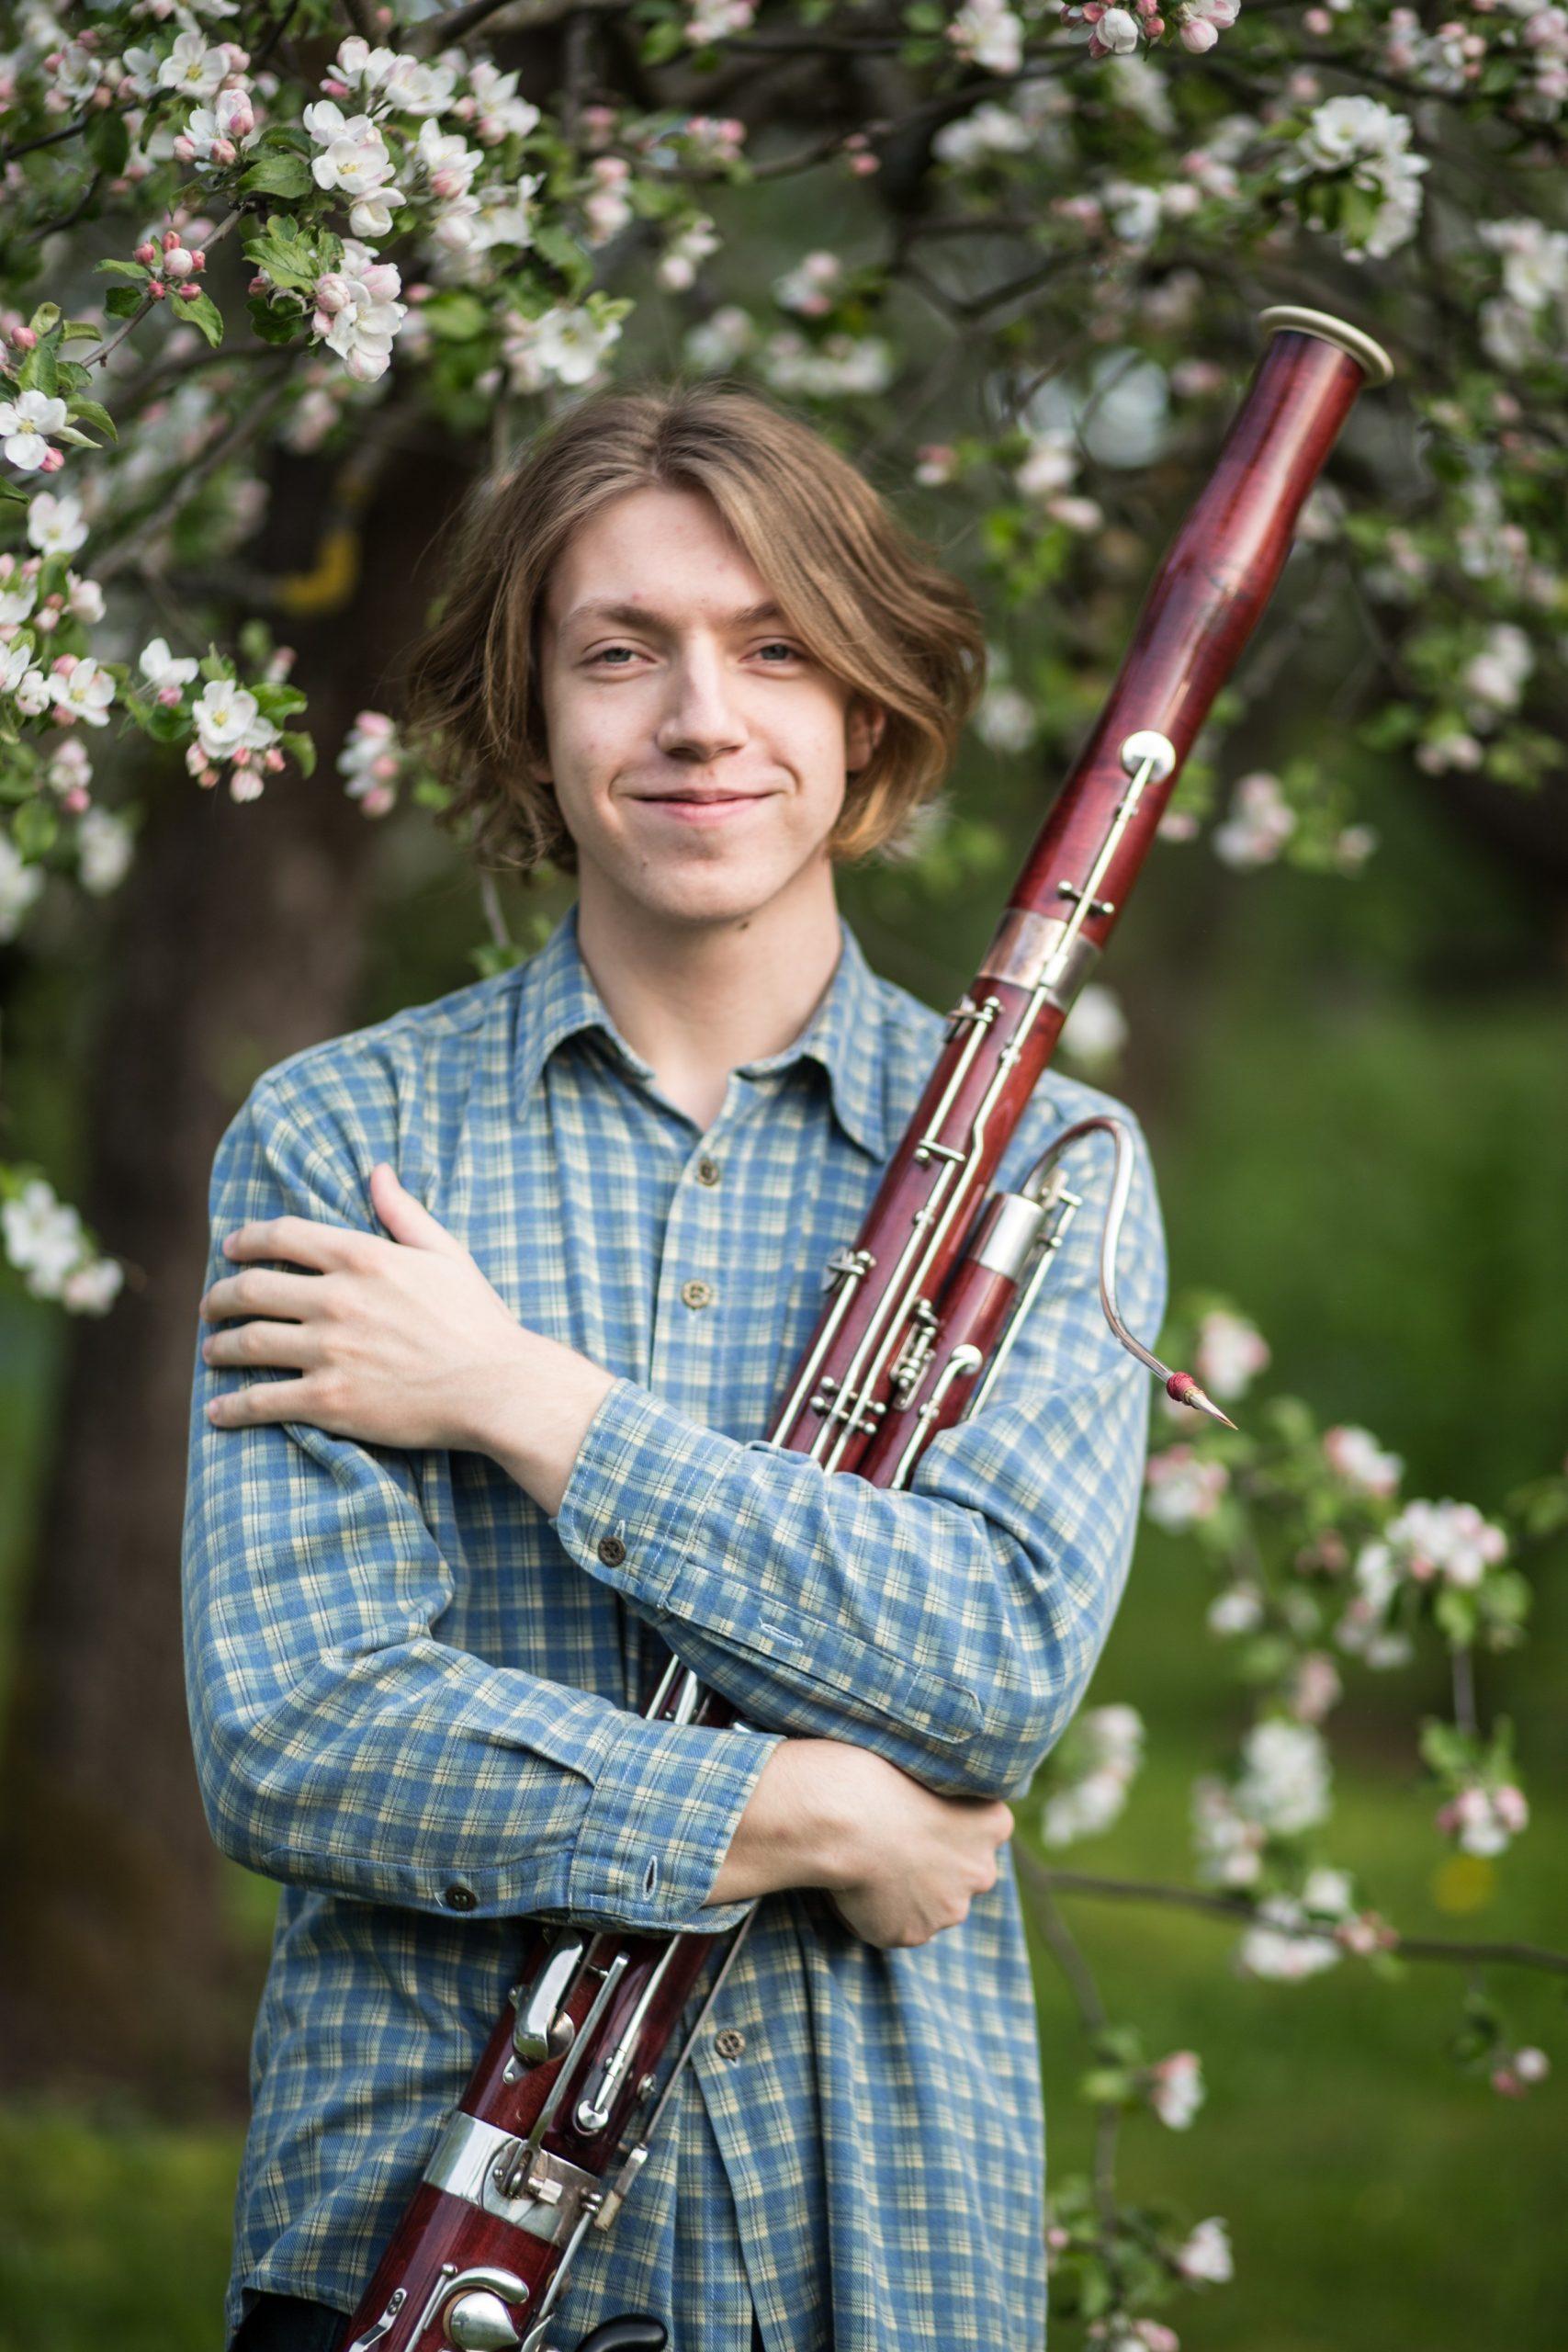 Parama skirta būsimam profesionaliam atlikėjui, kuris užburia klausytojus fagoto instrumentu